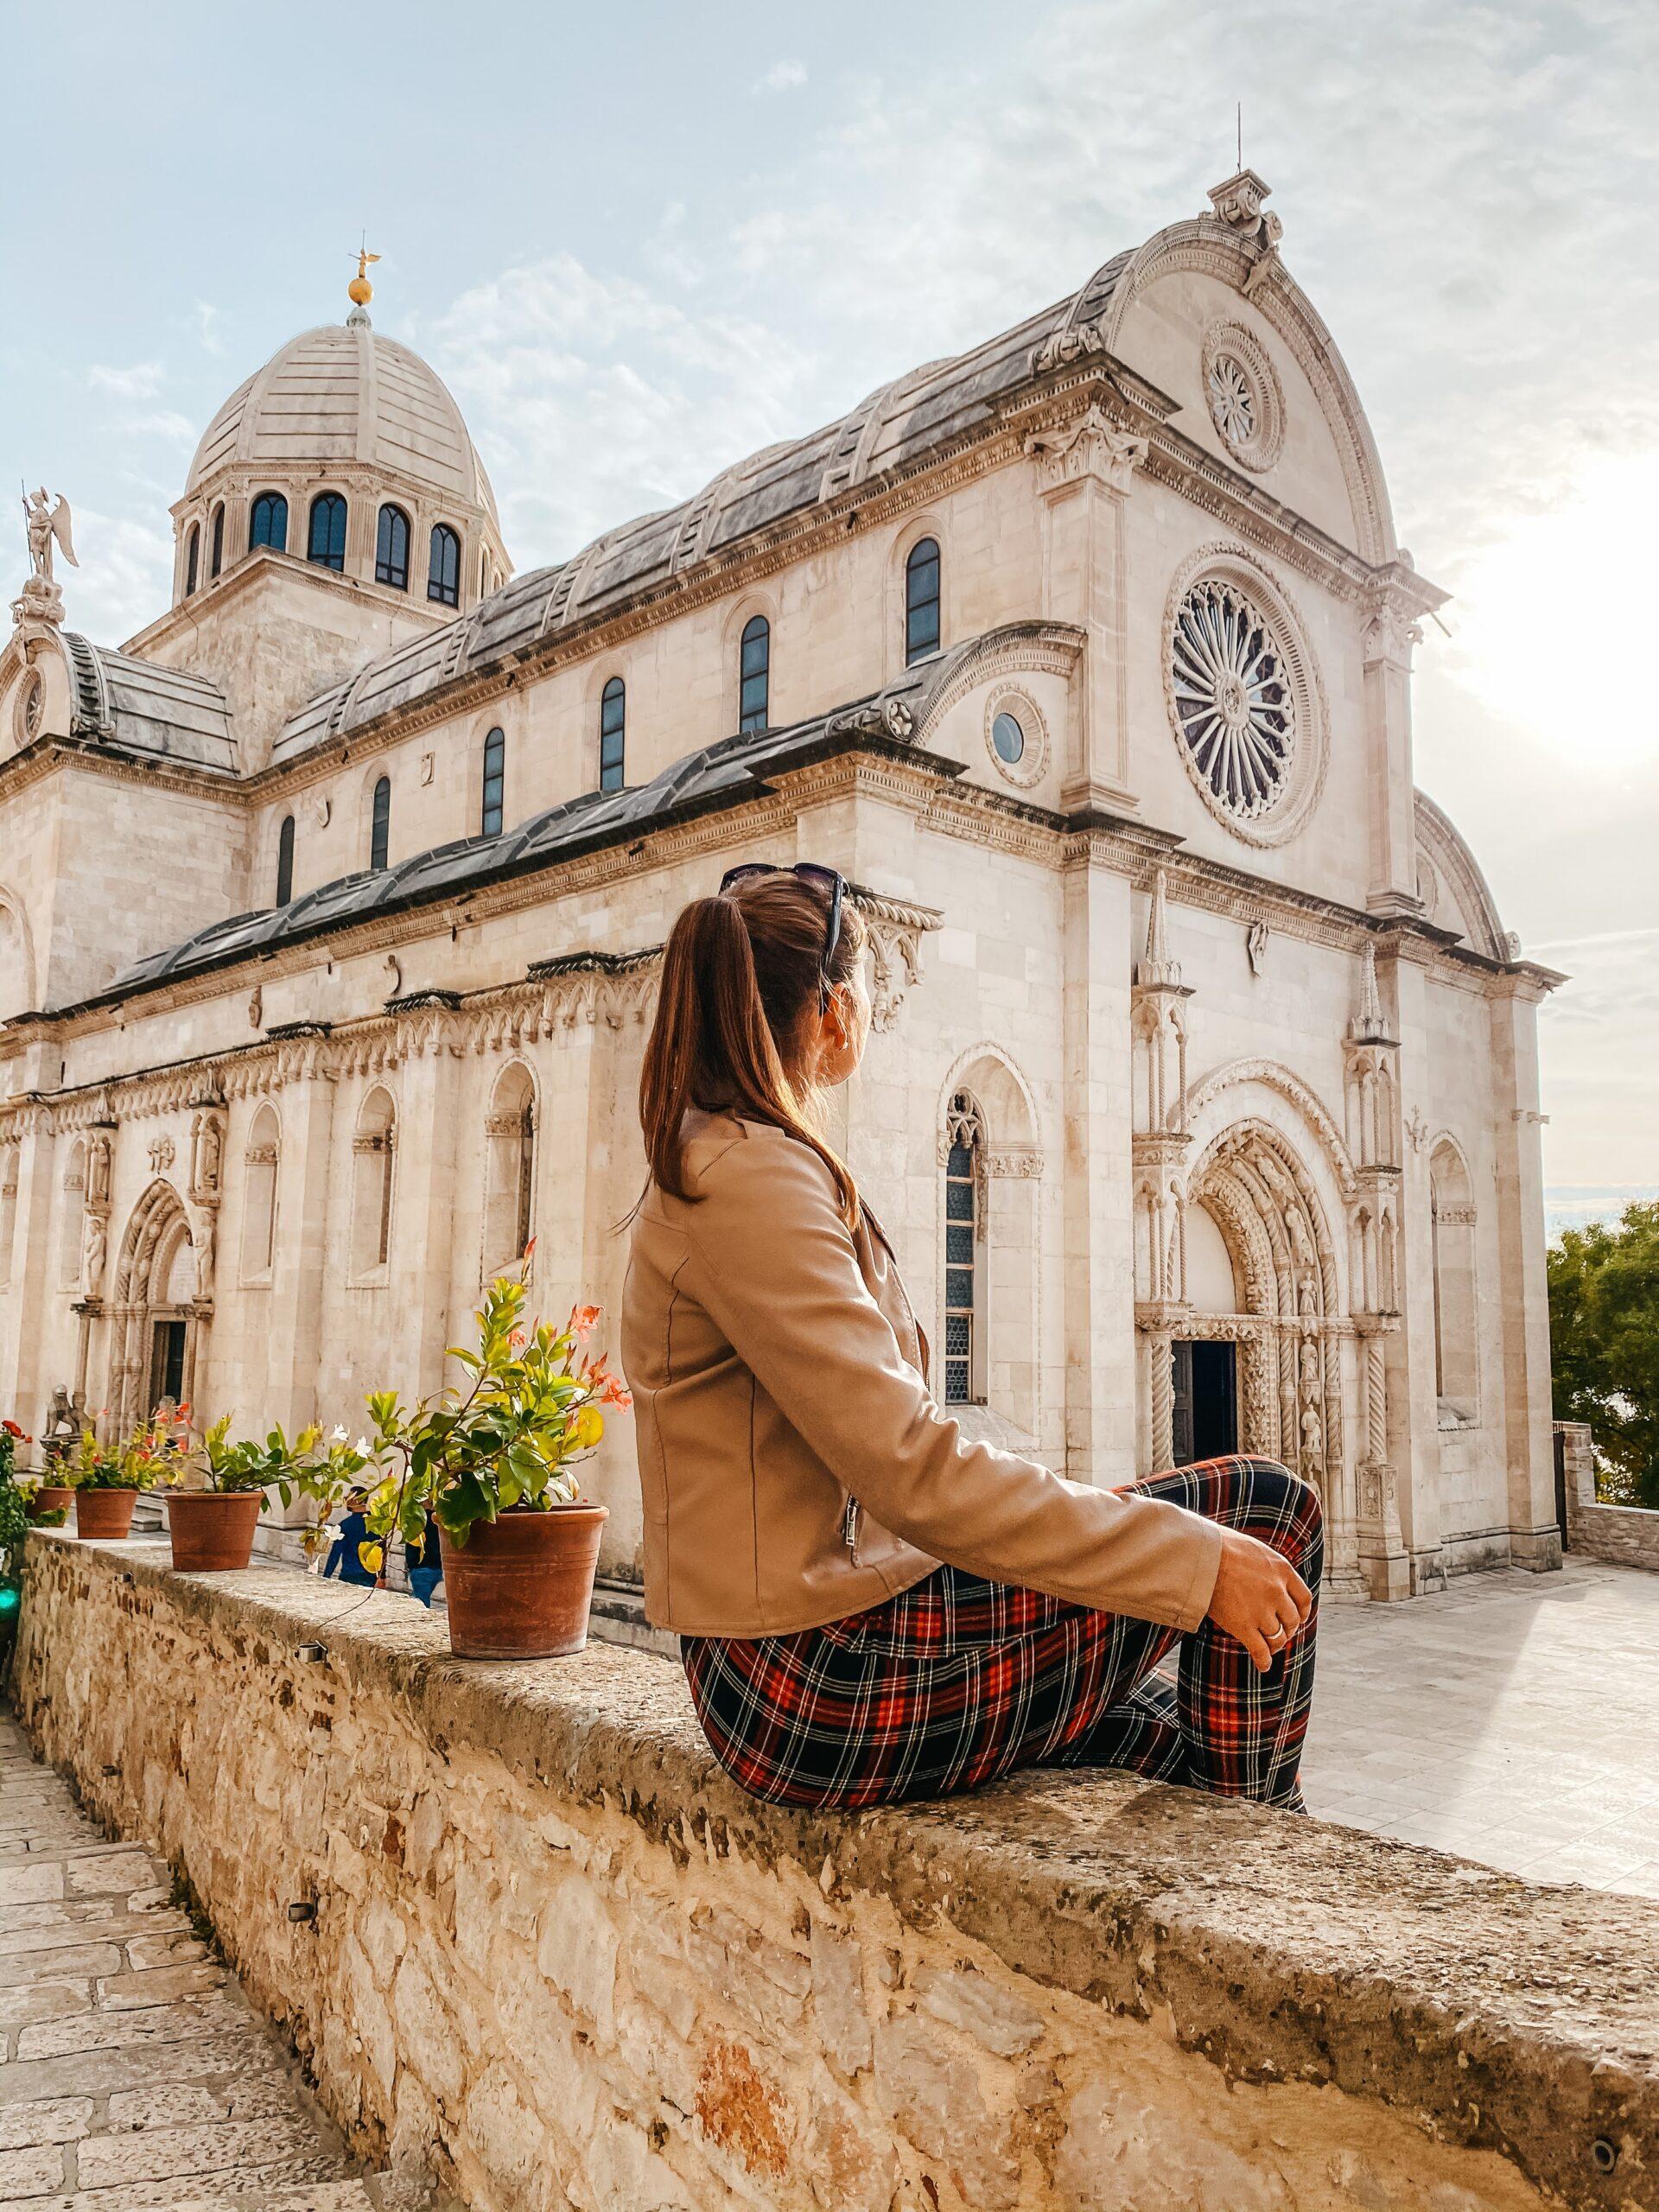 šibenikas kroatija sibenik katedra